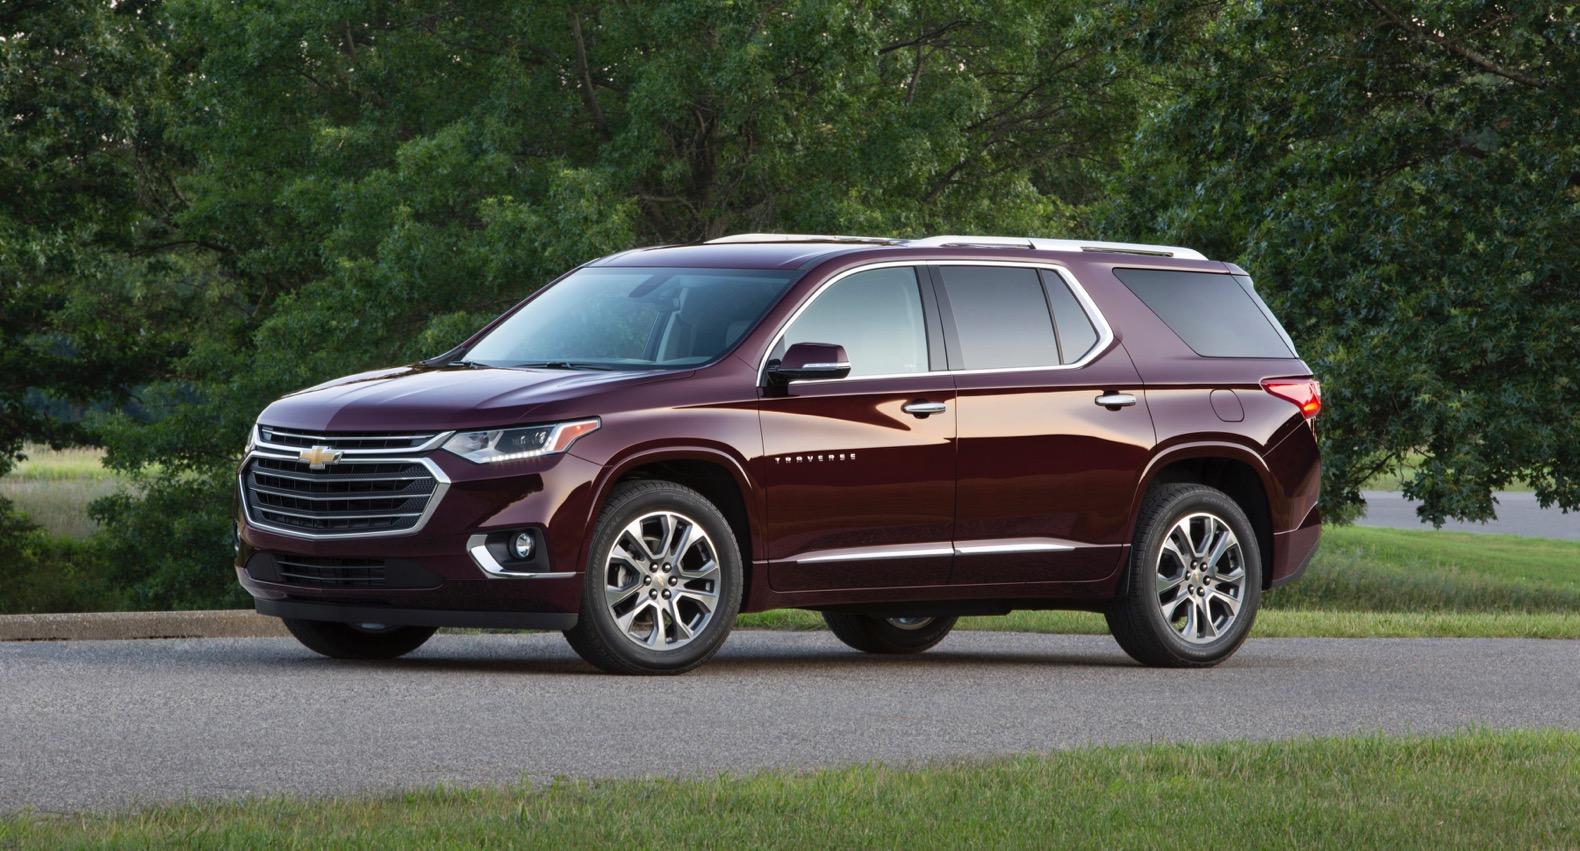 Chevrolet Traverse цена в России